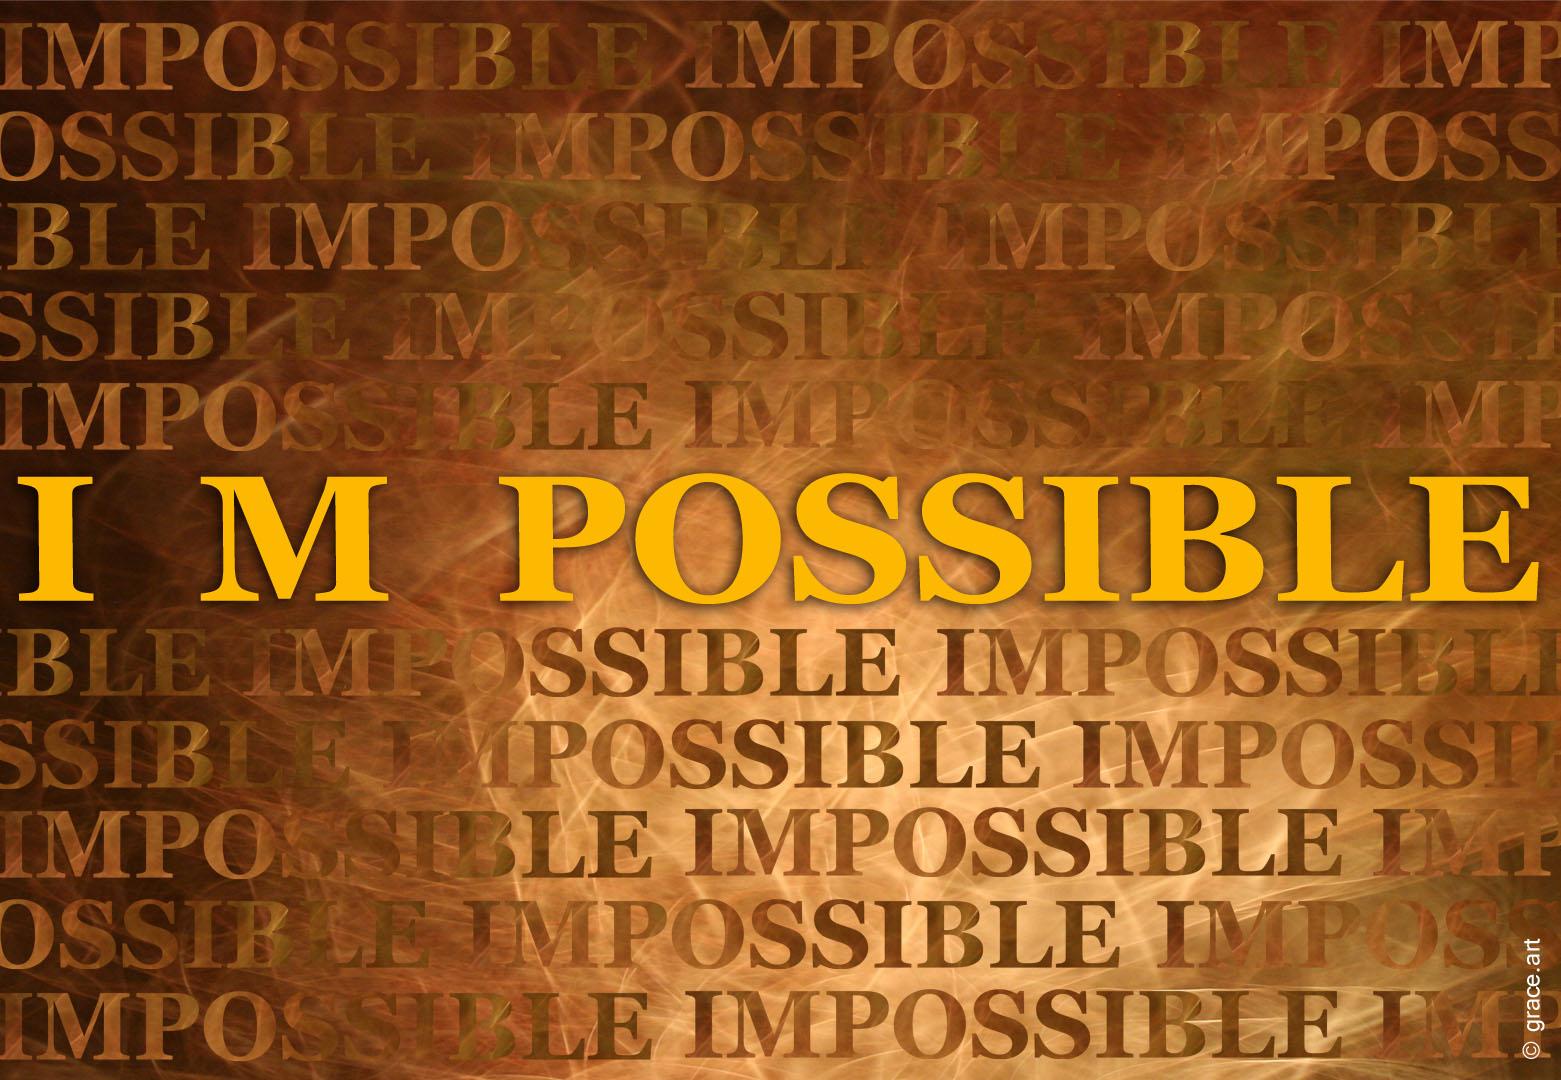 http://1.bp.blogspot.com/-Lv_5qH5Hd4Y/TcKnJ02Lu2I/AAAAAAAAADs/j925_RuaA08/s1600/I%2Bm%2Bpossible.jpg